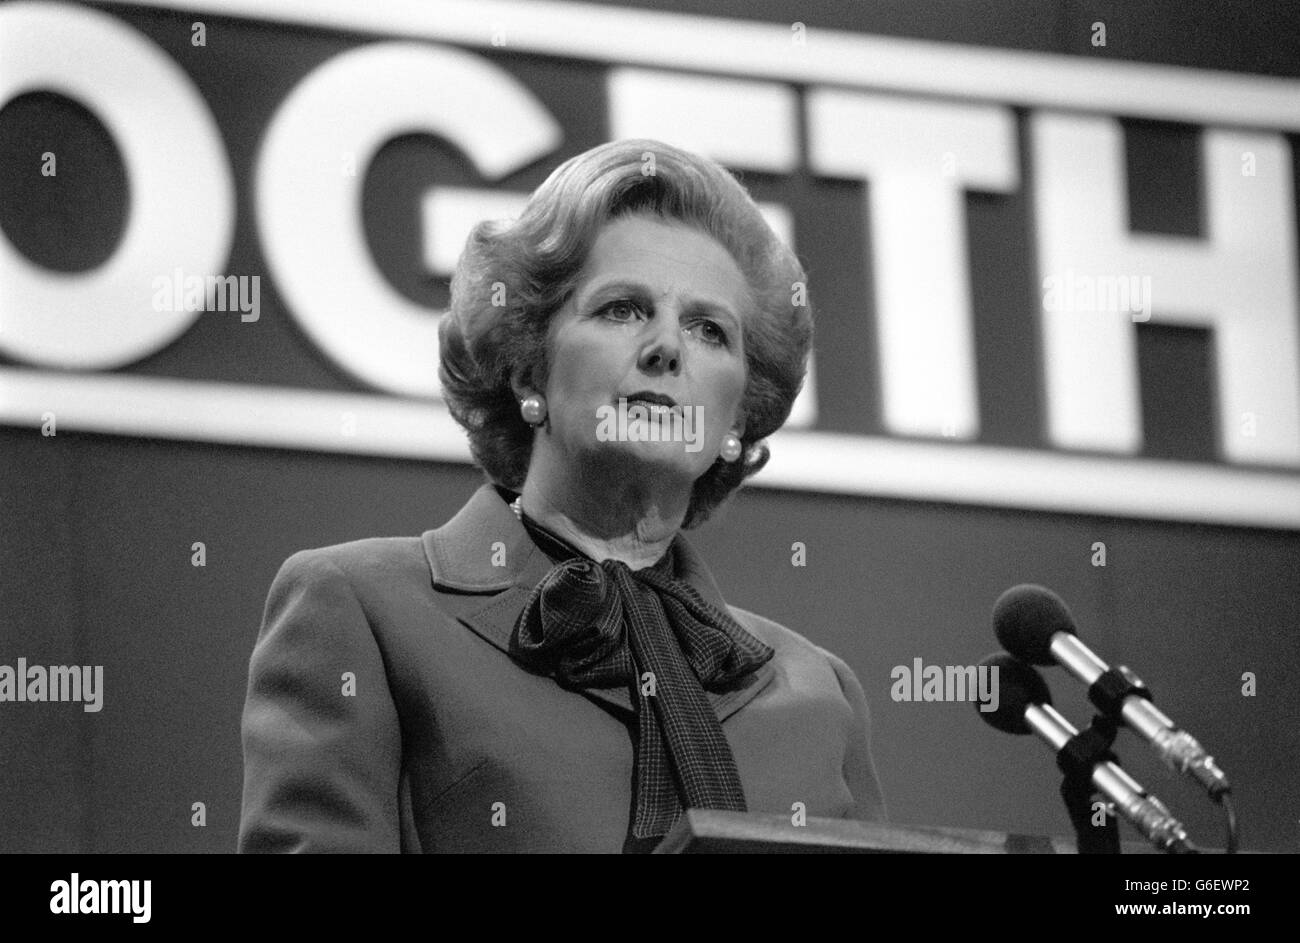 Thatcher Closing Speech - Stock Image